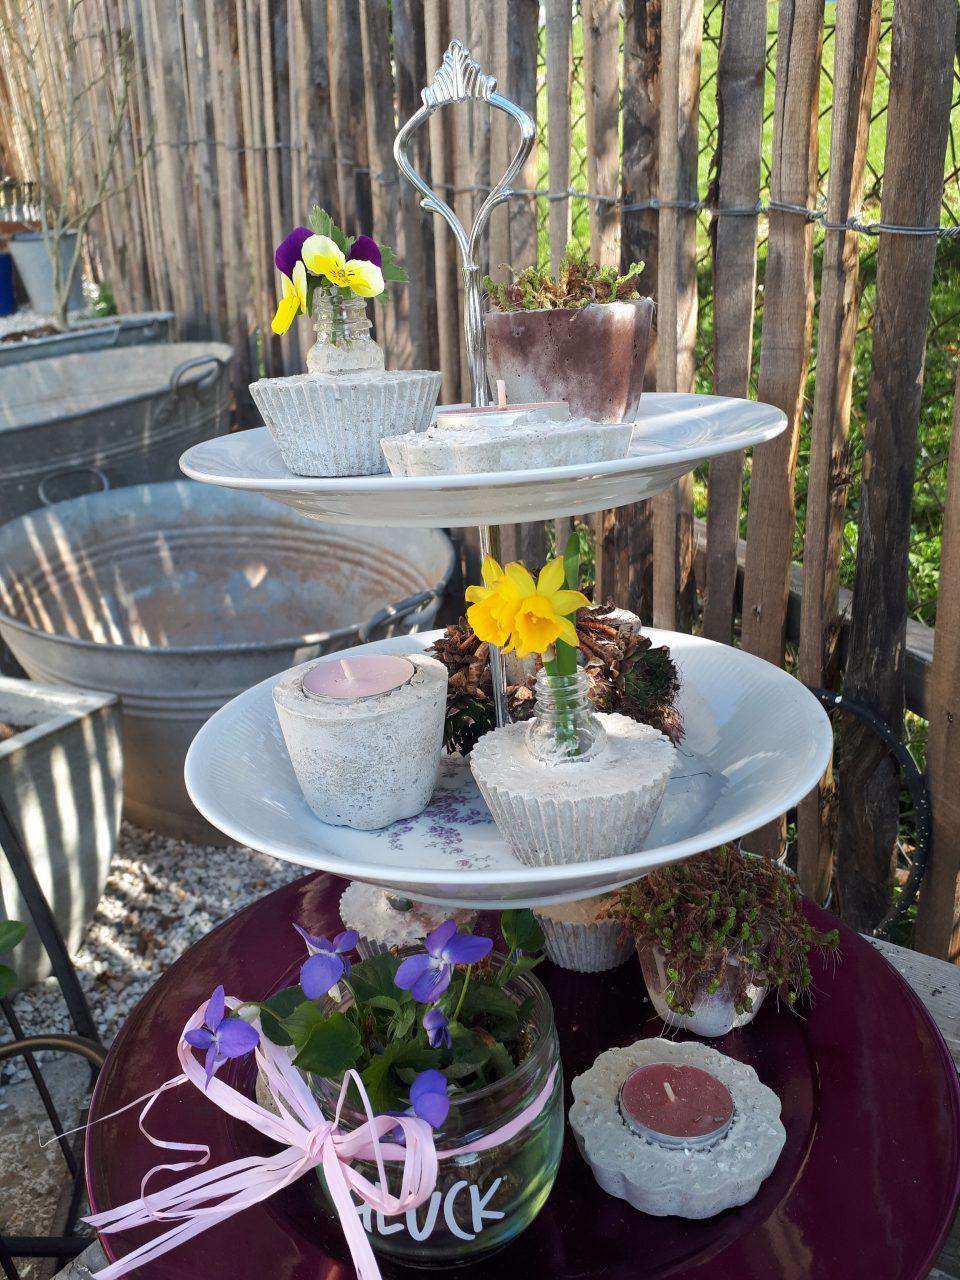 Die Törtchen aus Beton mit den verschiedenen Formen dienen als Vasen, Teelichthalter oder sind bepflanzt.